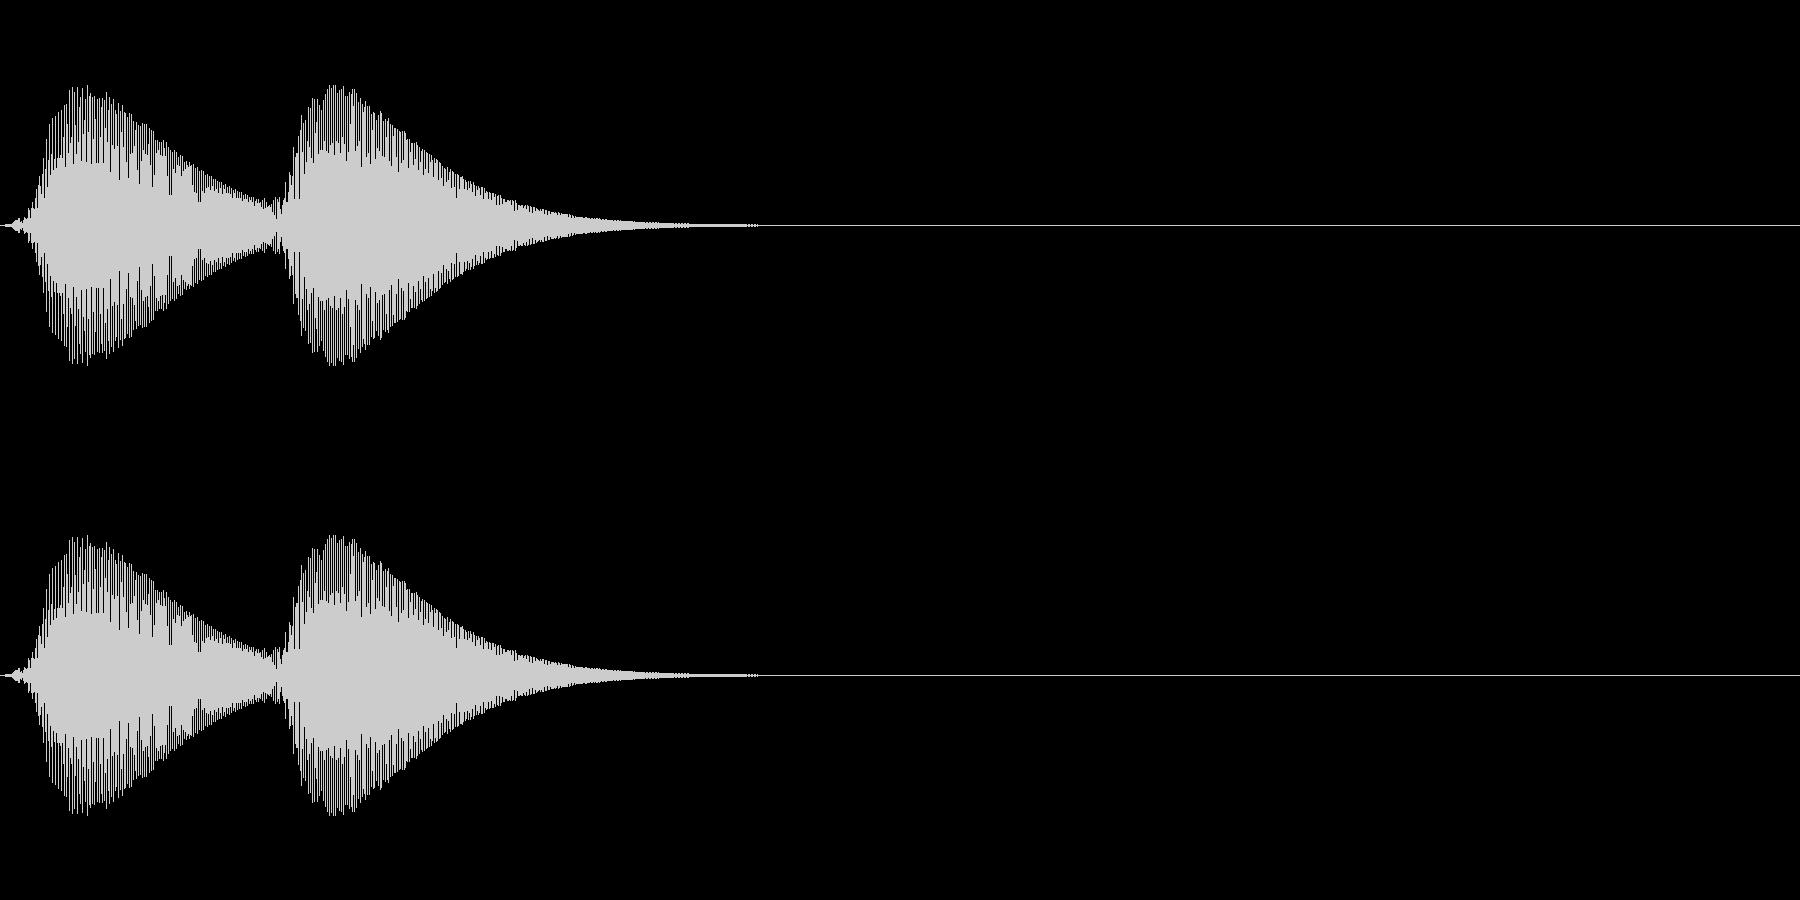 KANTアイキャッチ206231の未再生の波形